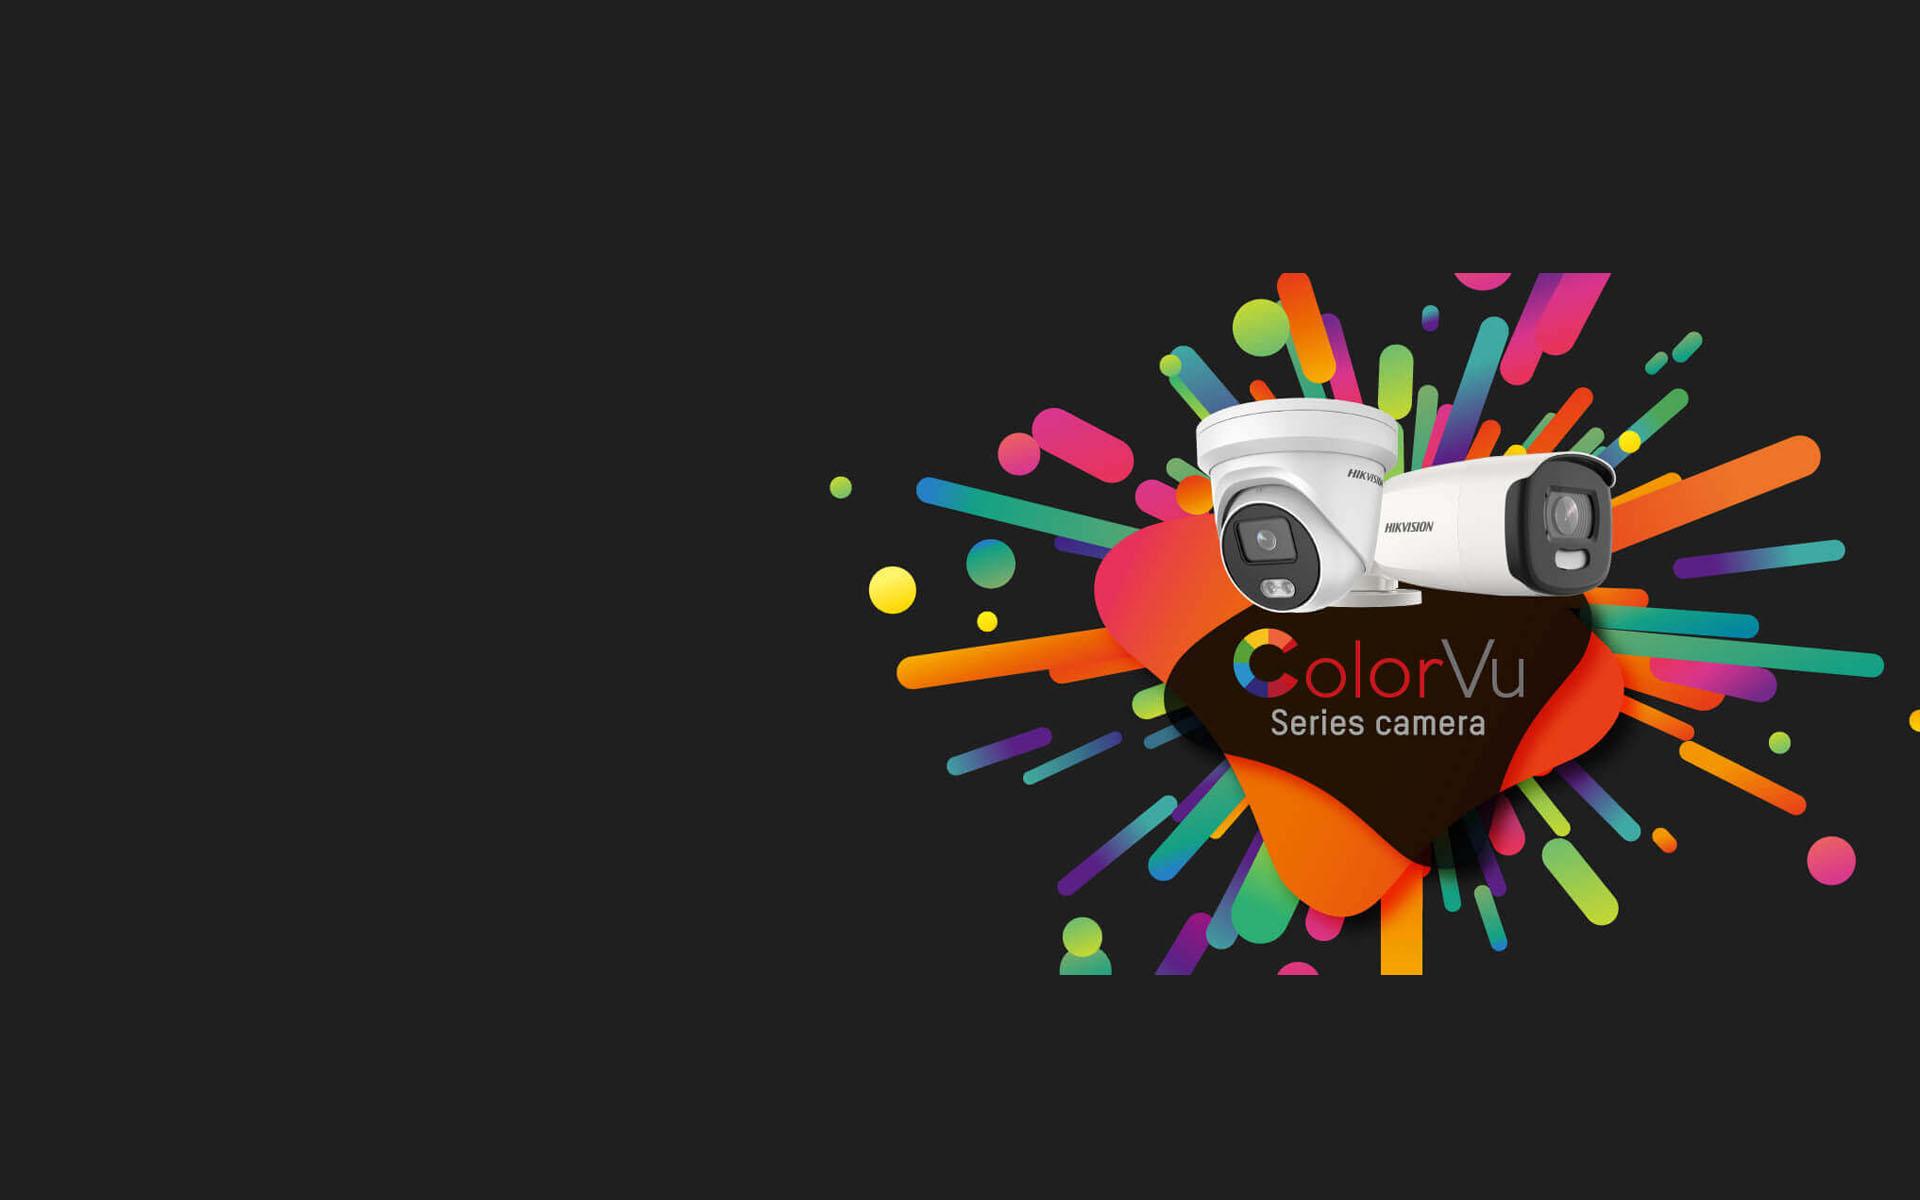 Colorvu Series Camera